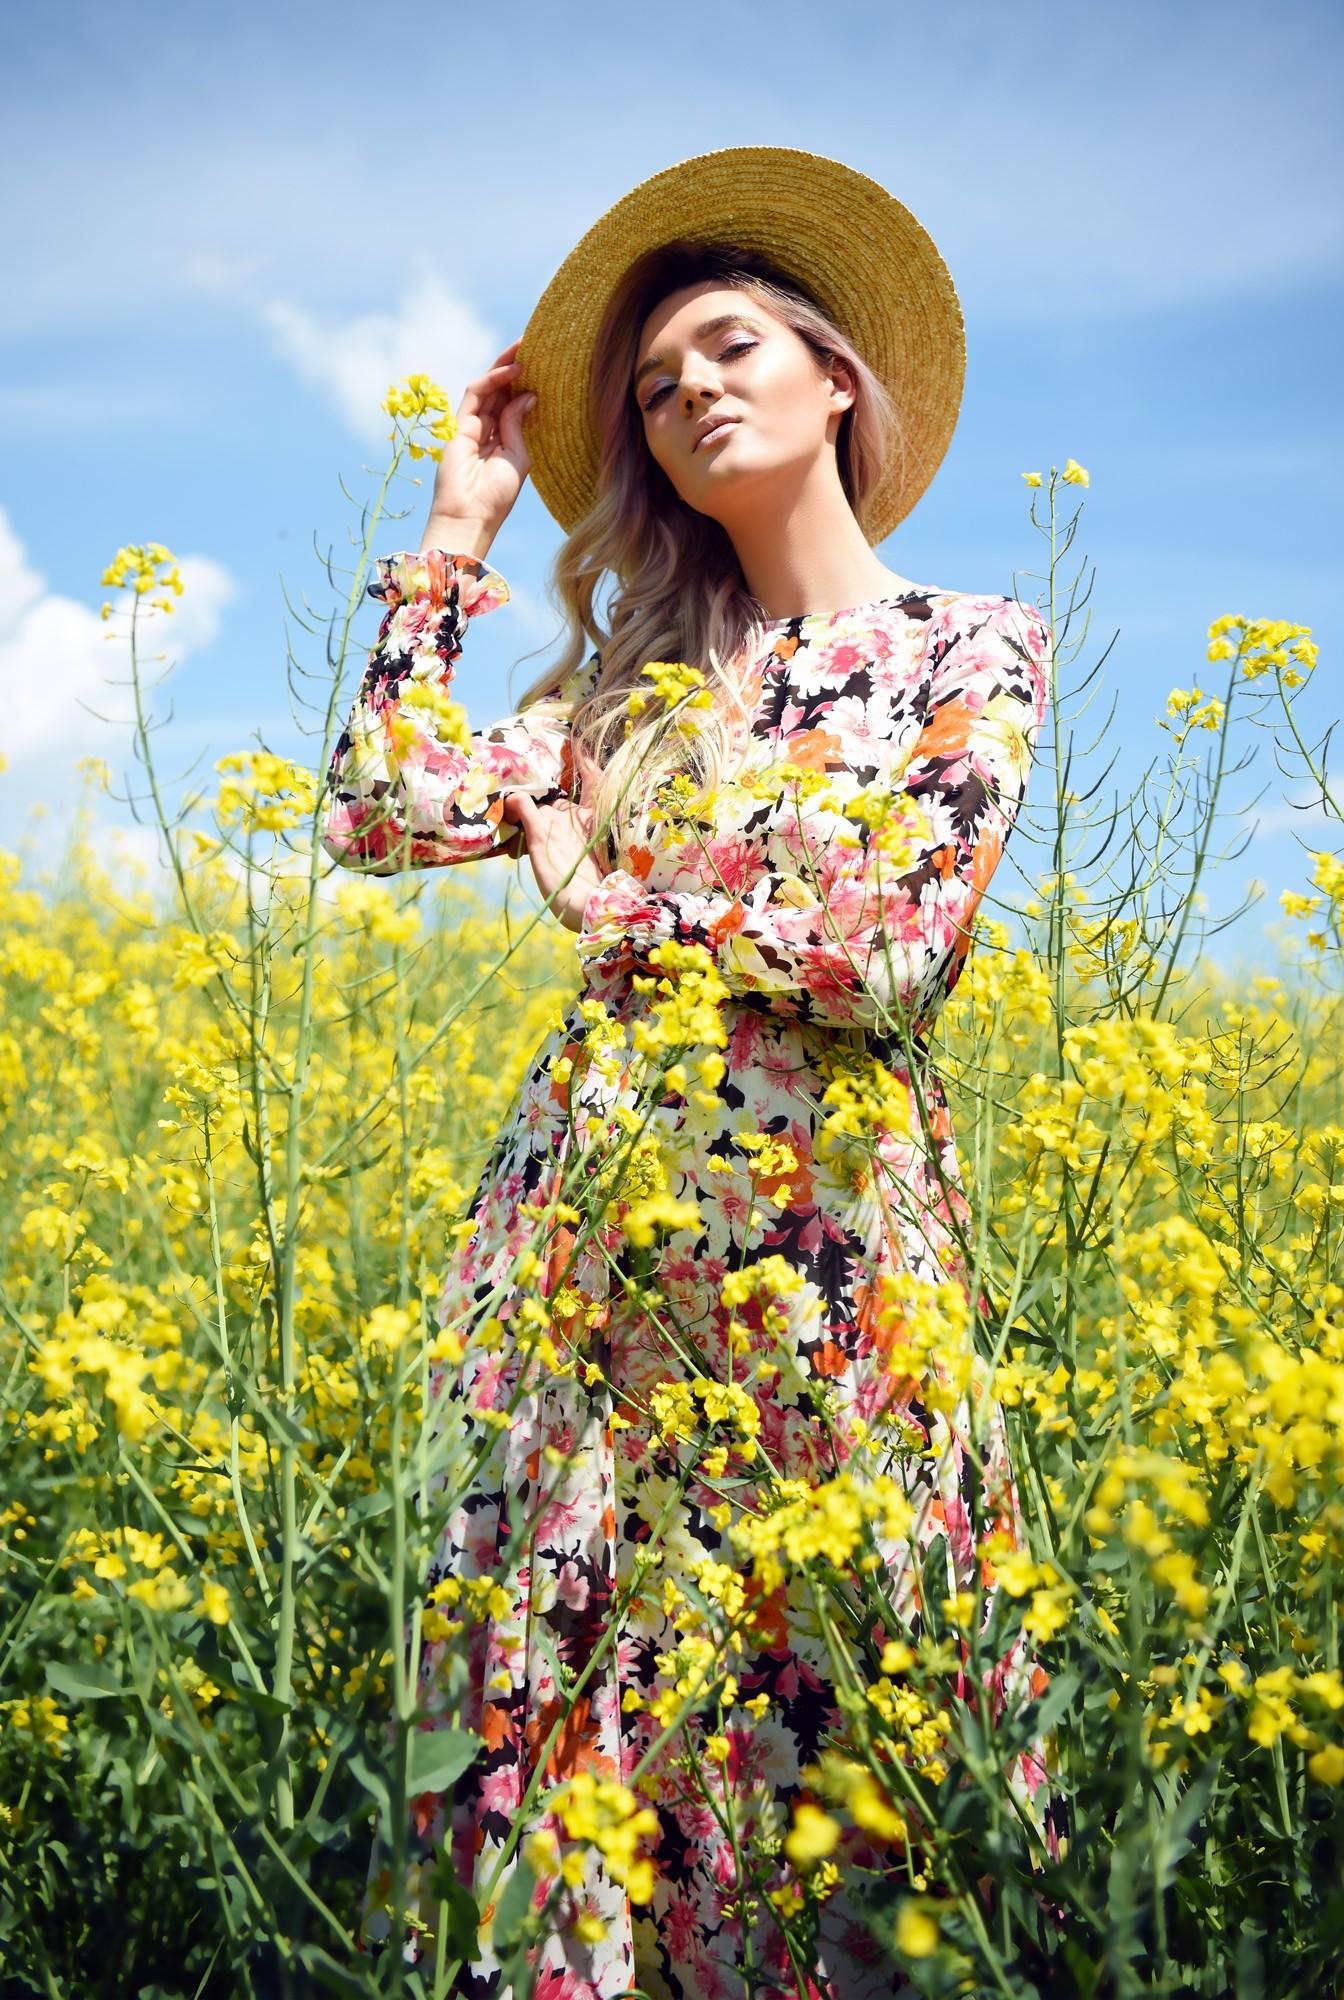 rochie casual, pe bie, cu imprimeu floral, maneci lungi cu mansete elastice